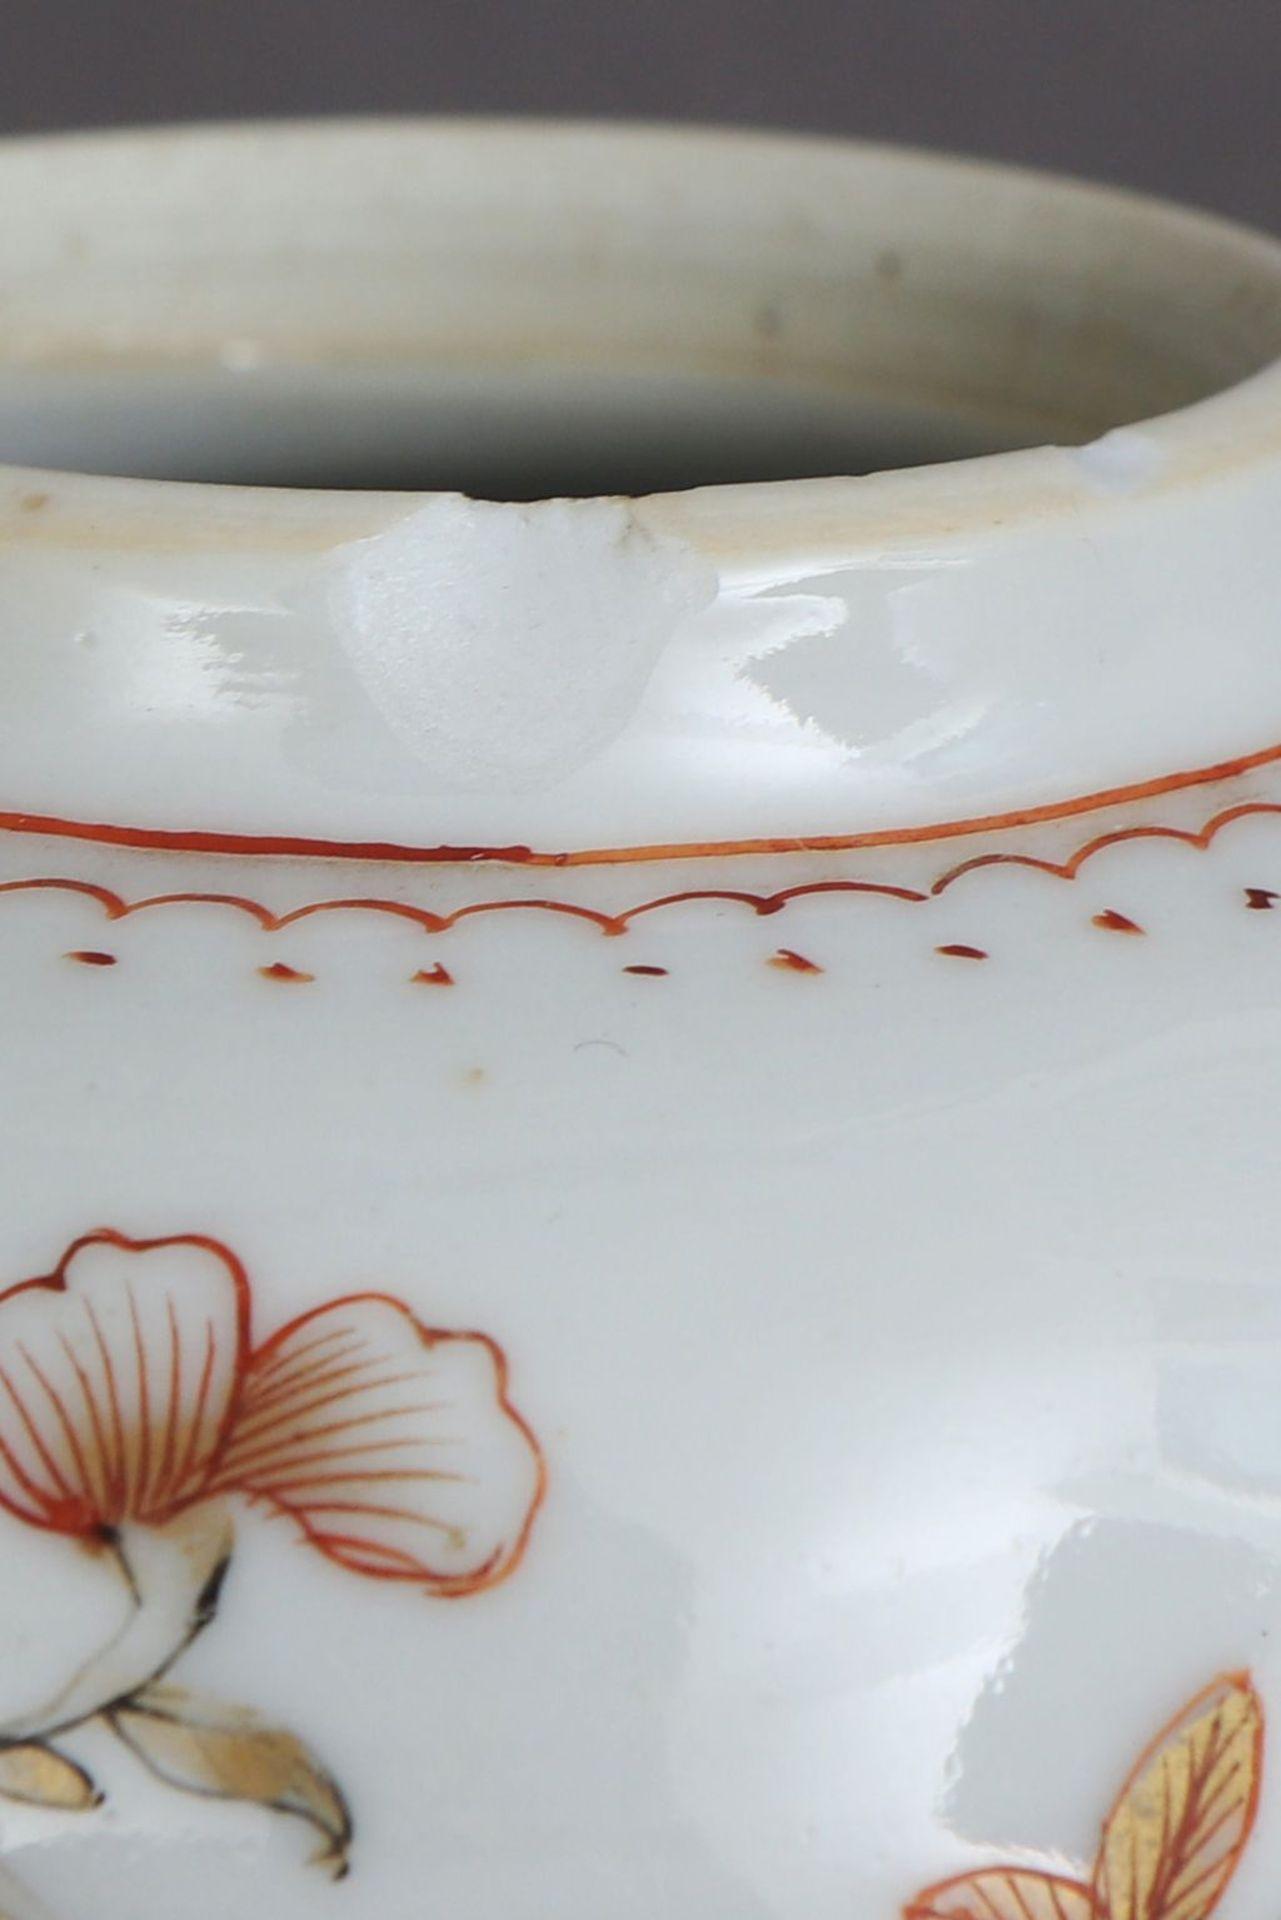 Kleines chinesisches Zeremonial-Teekännchen des 18. Jahrhunderts (Qing Dynastie) - Image 4 of 5